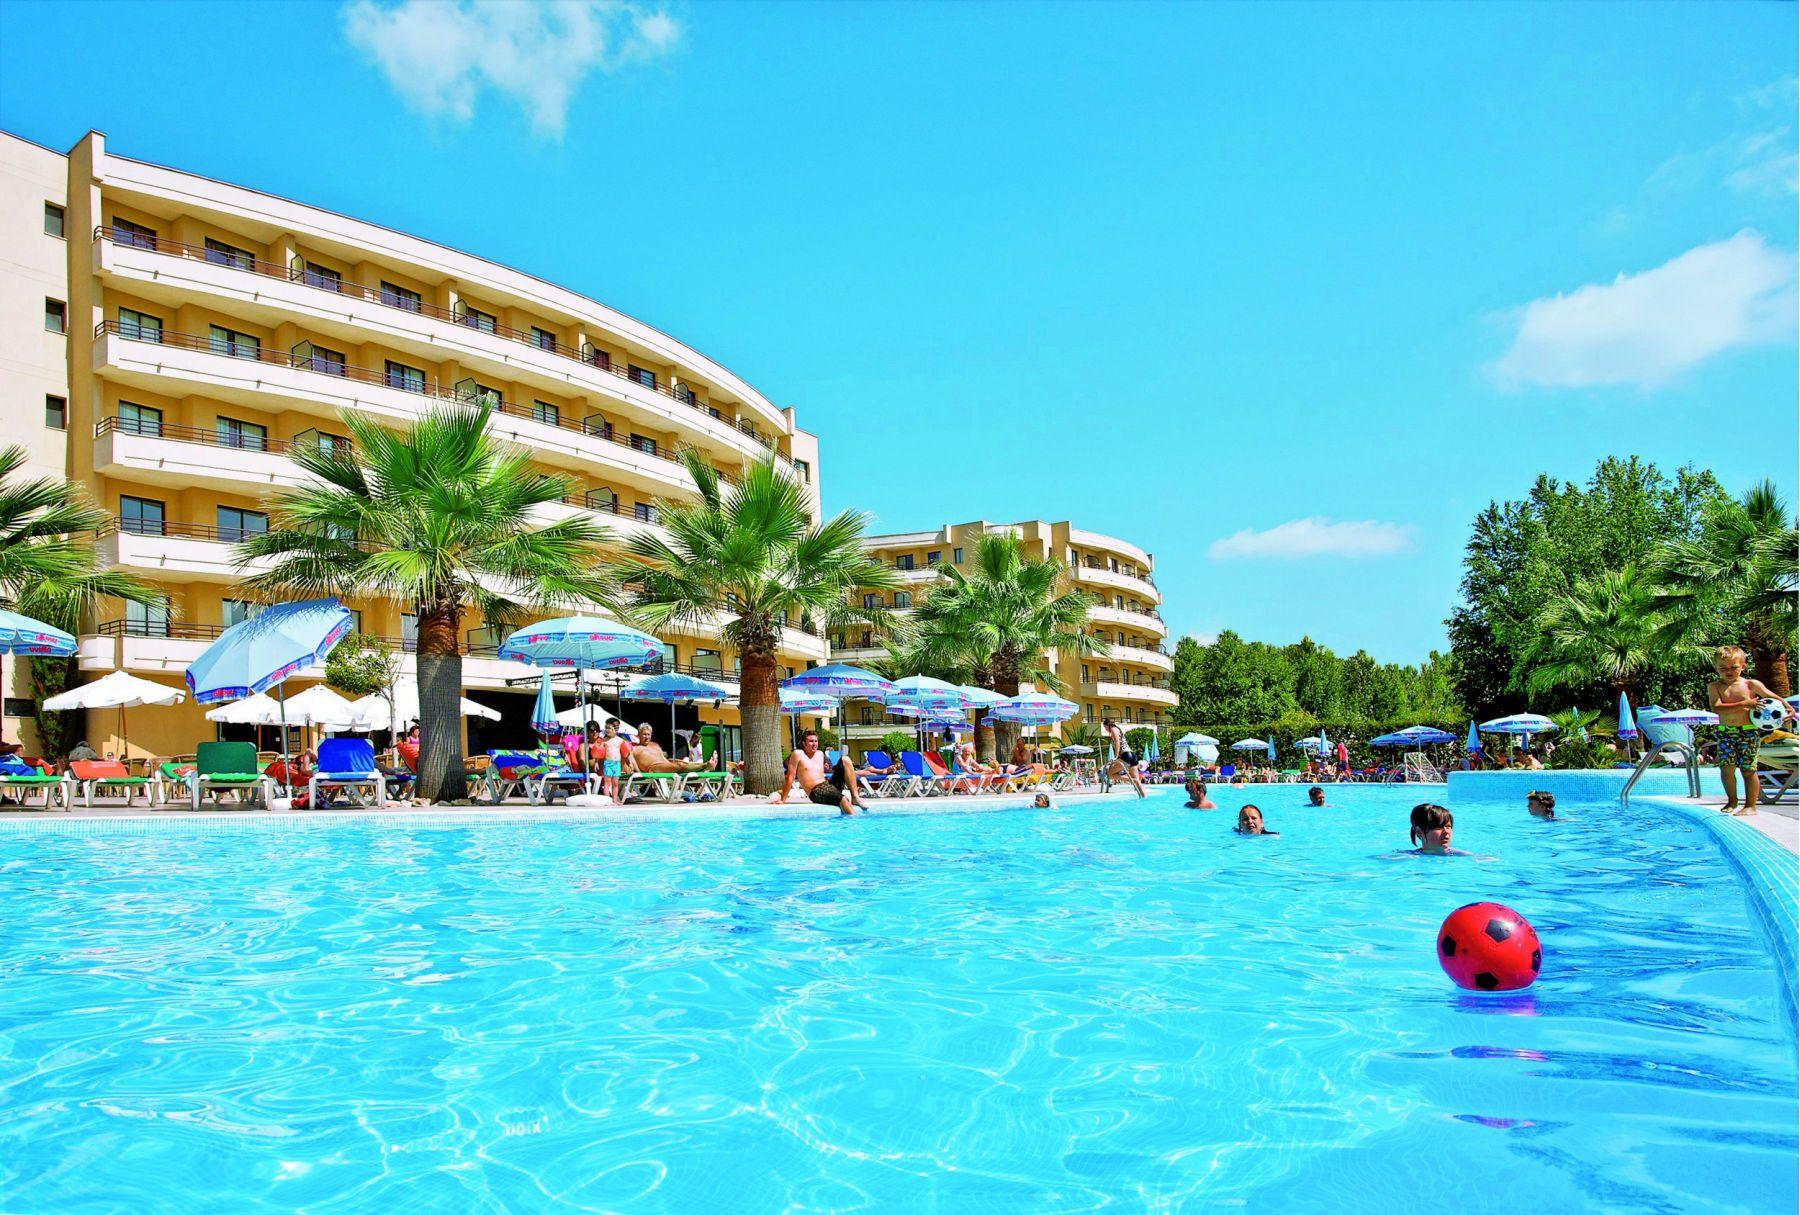 Allsun Hotel Orient Beach Sa Coma